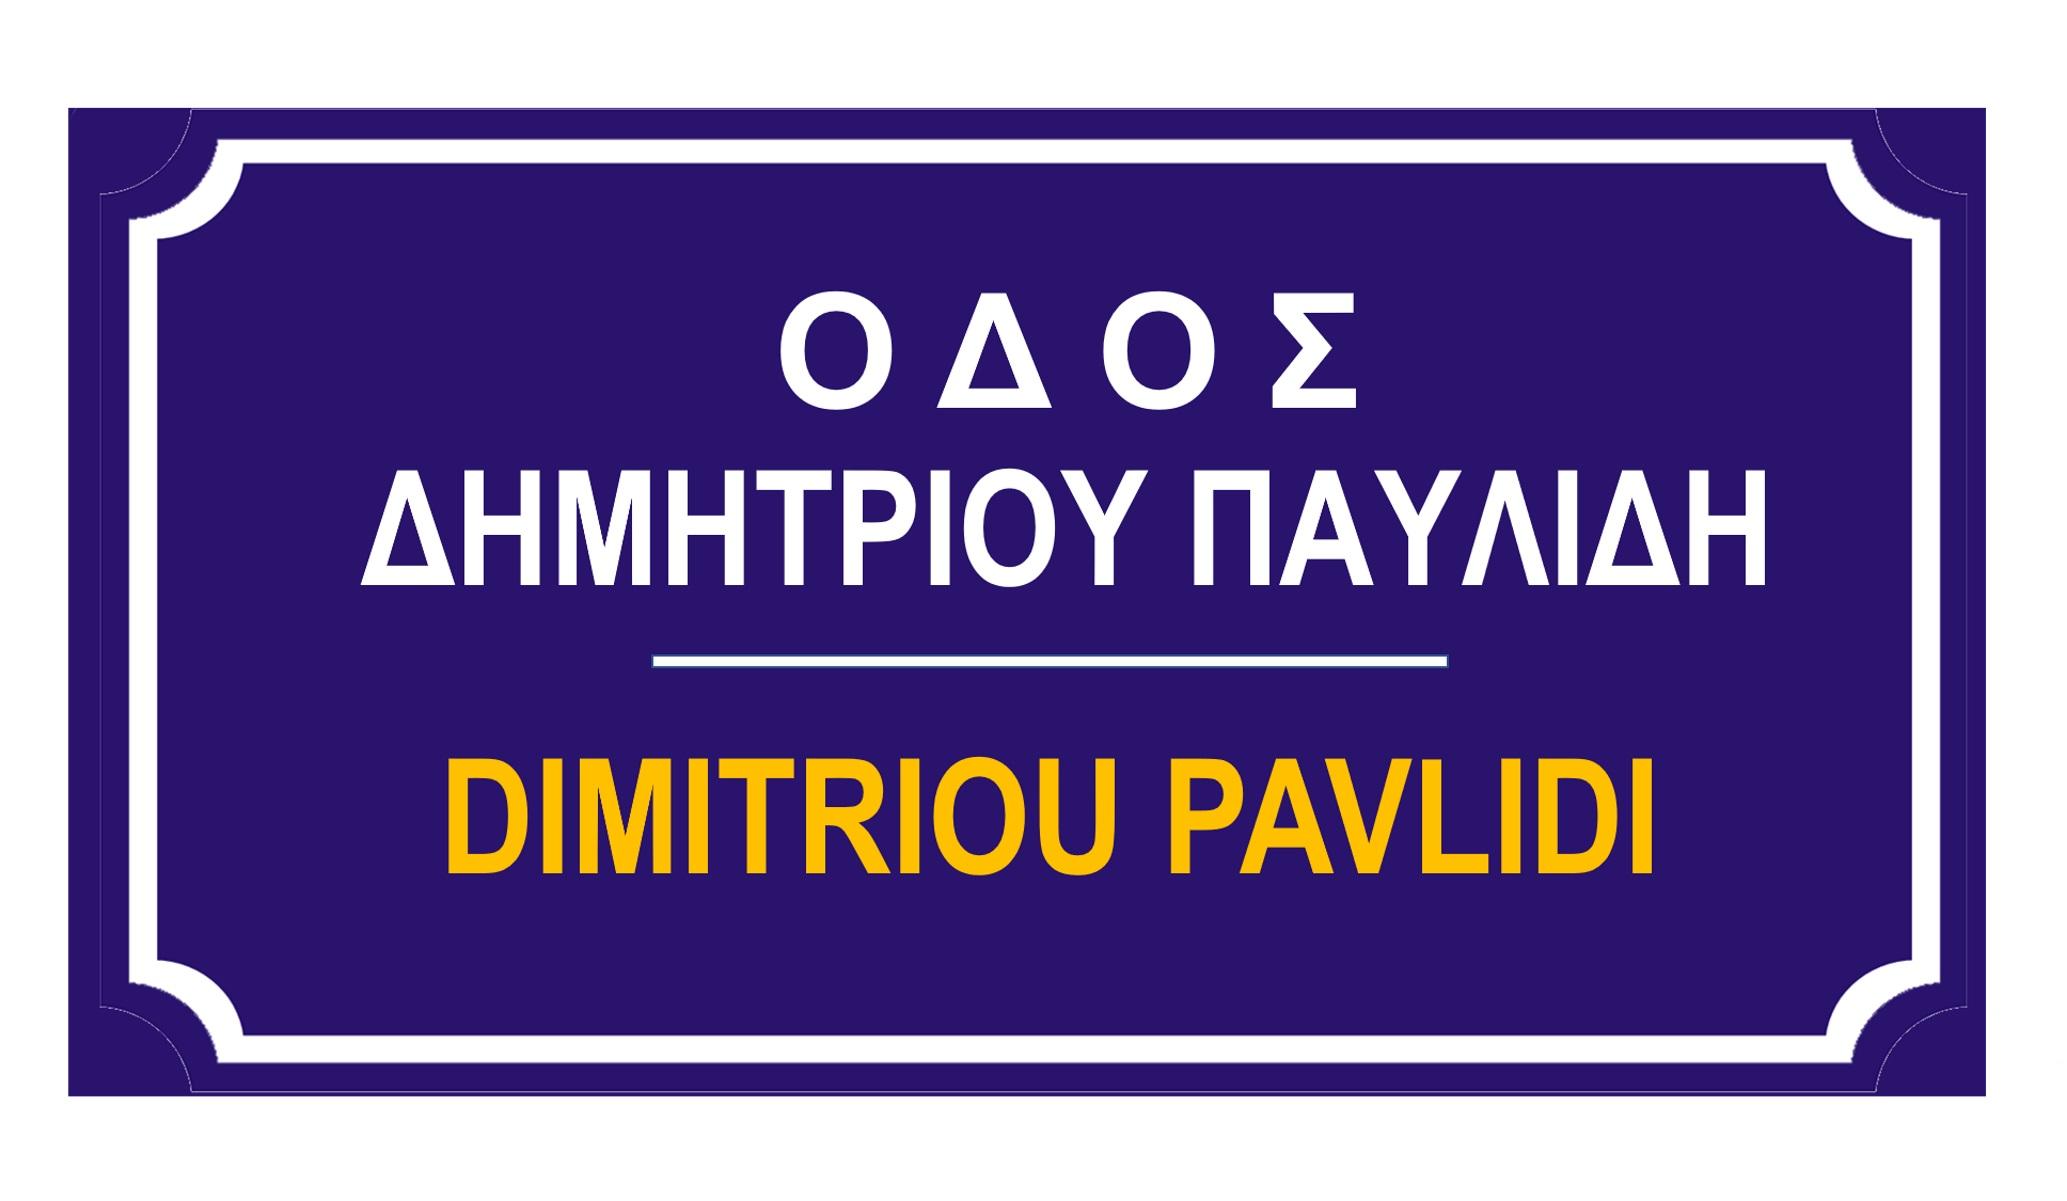 Παυλίδη: Η ένδοξη οικογένεια της σοκολατοποιίας «δίνει» το όνομά της σε δρόμο των Αθηνών (pics)